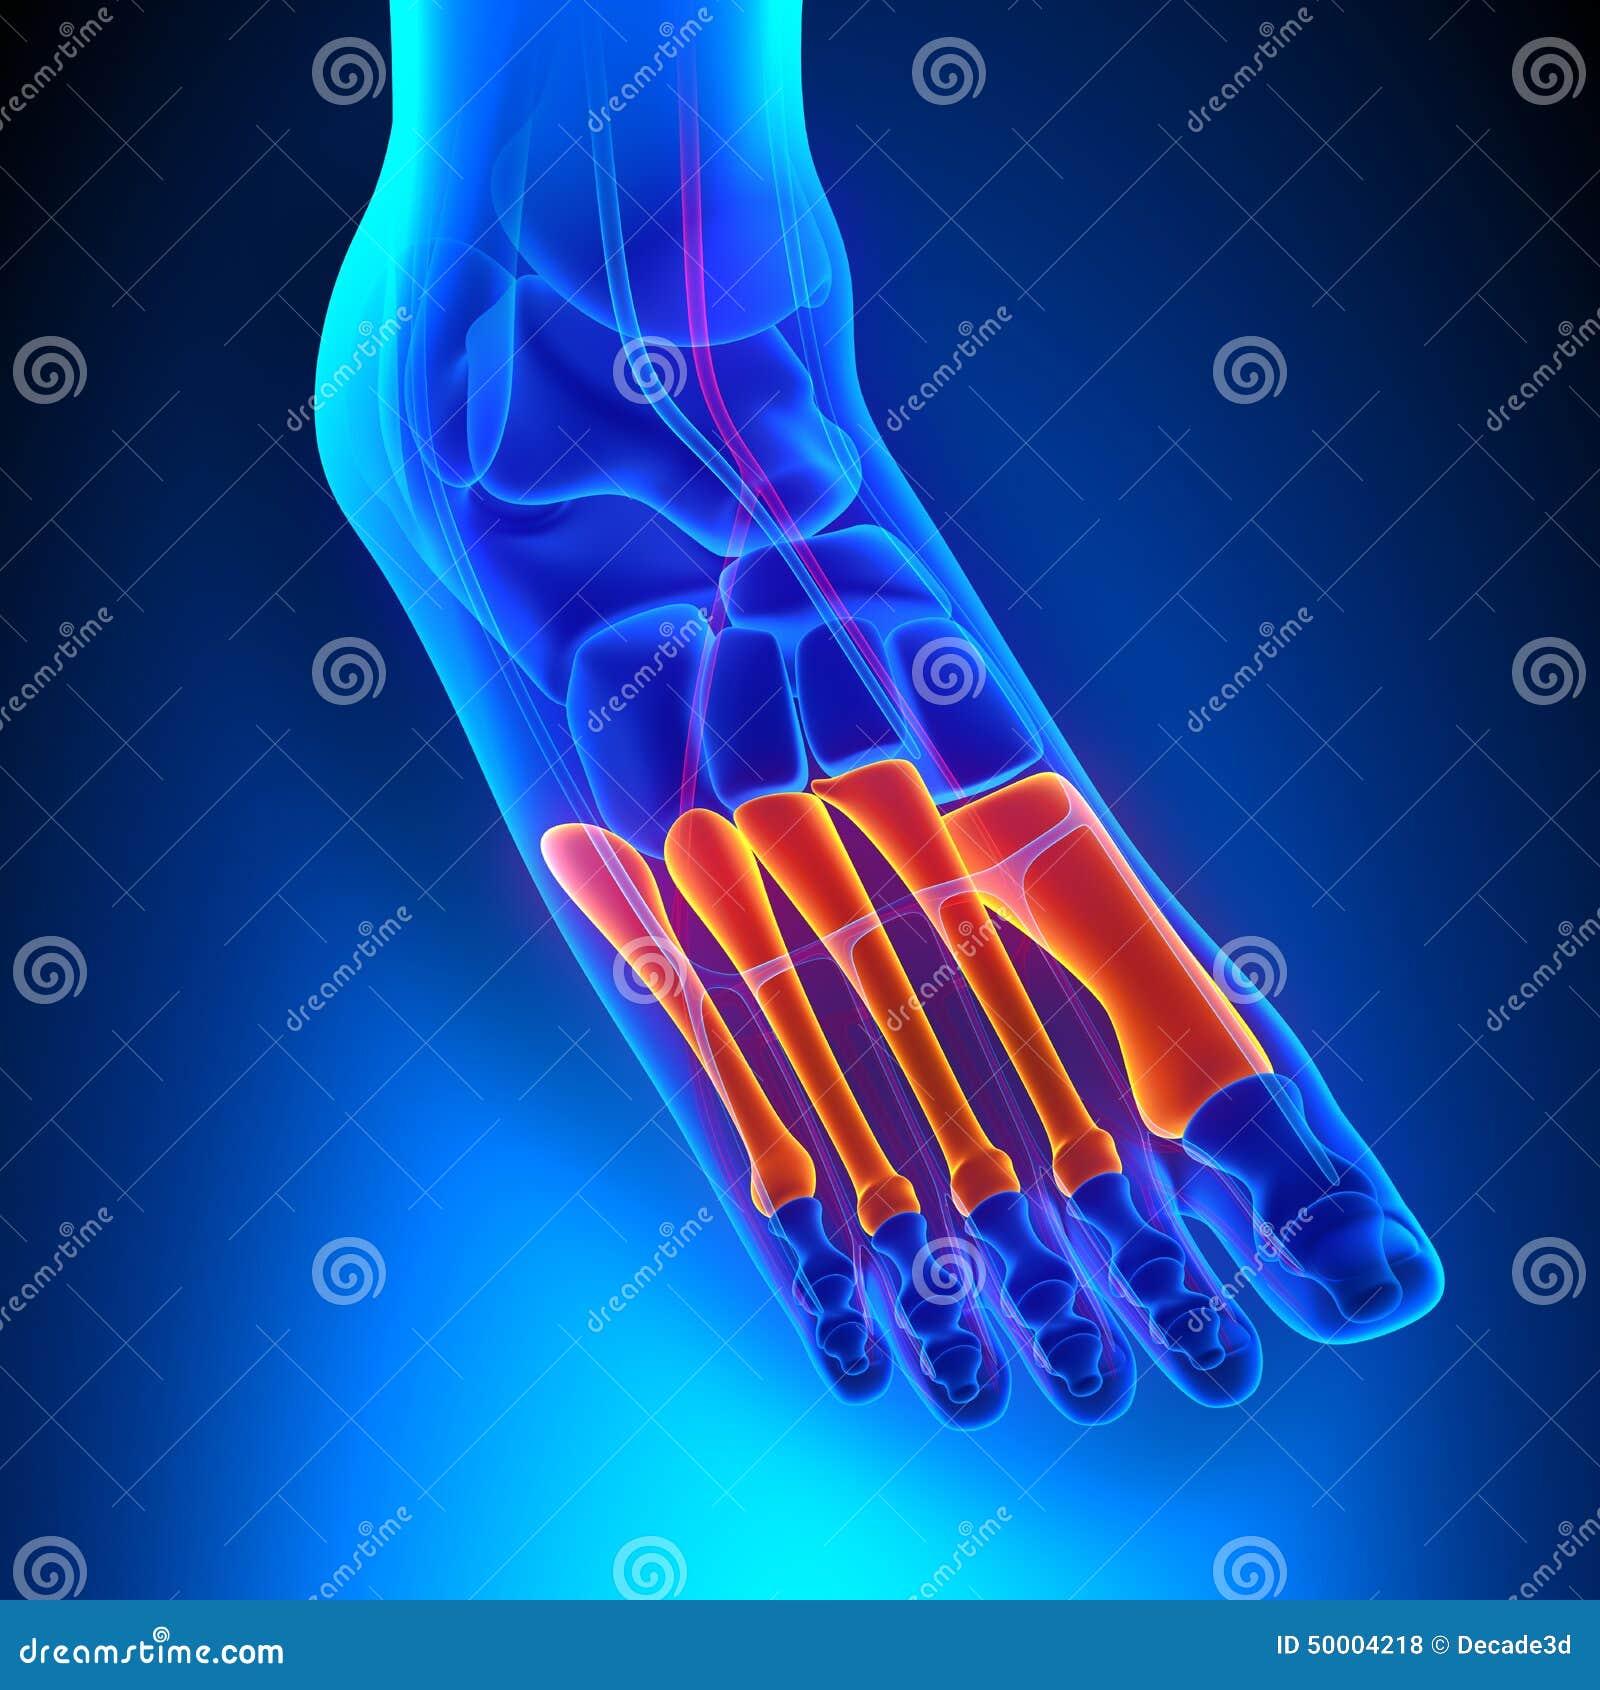 Metatarsals-Knochen-Anatomie Mit Kreislaufsystem Stock Abbildung ...